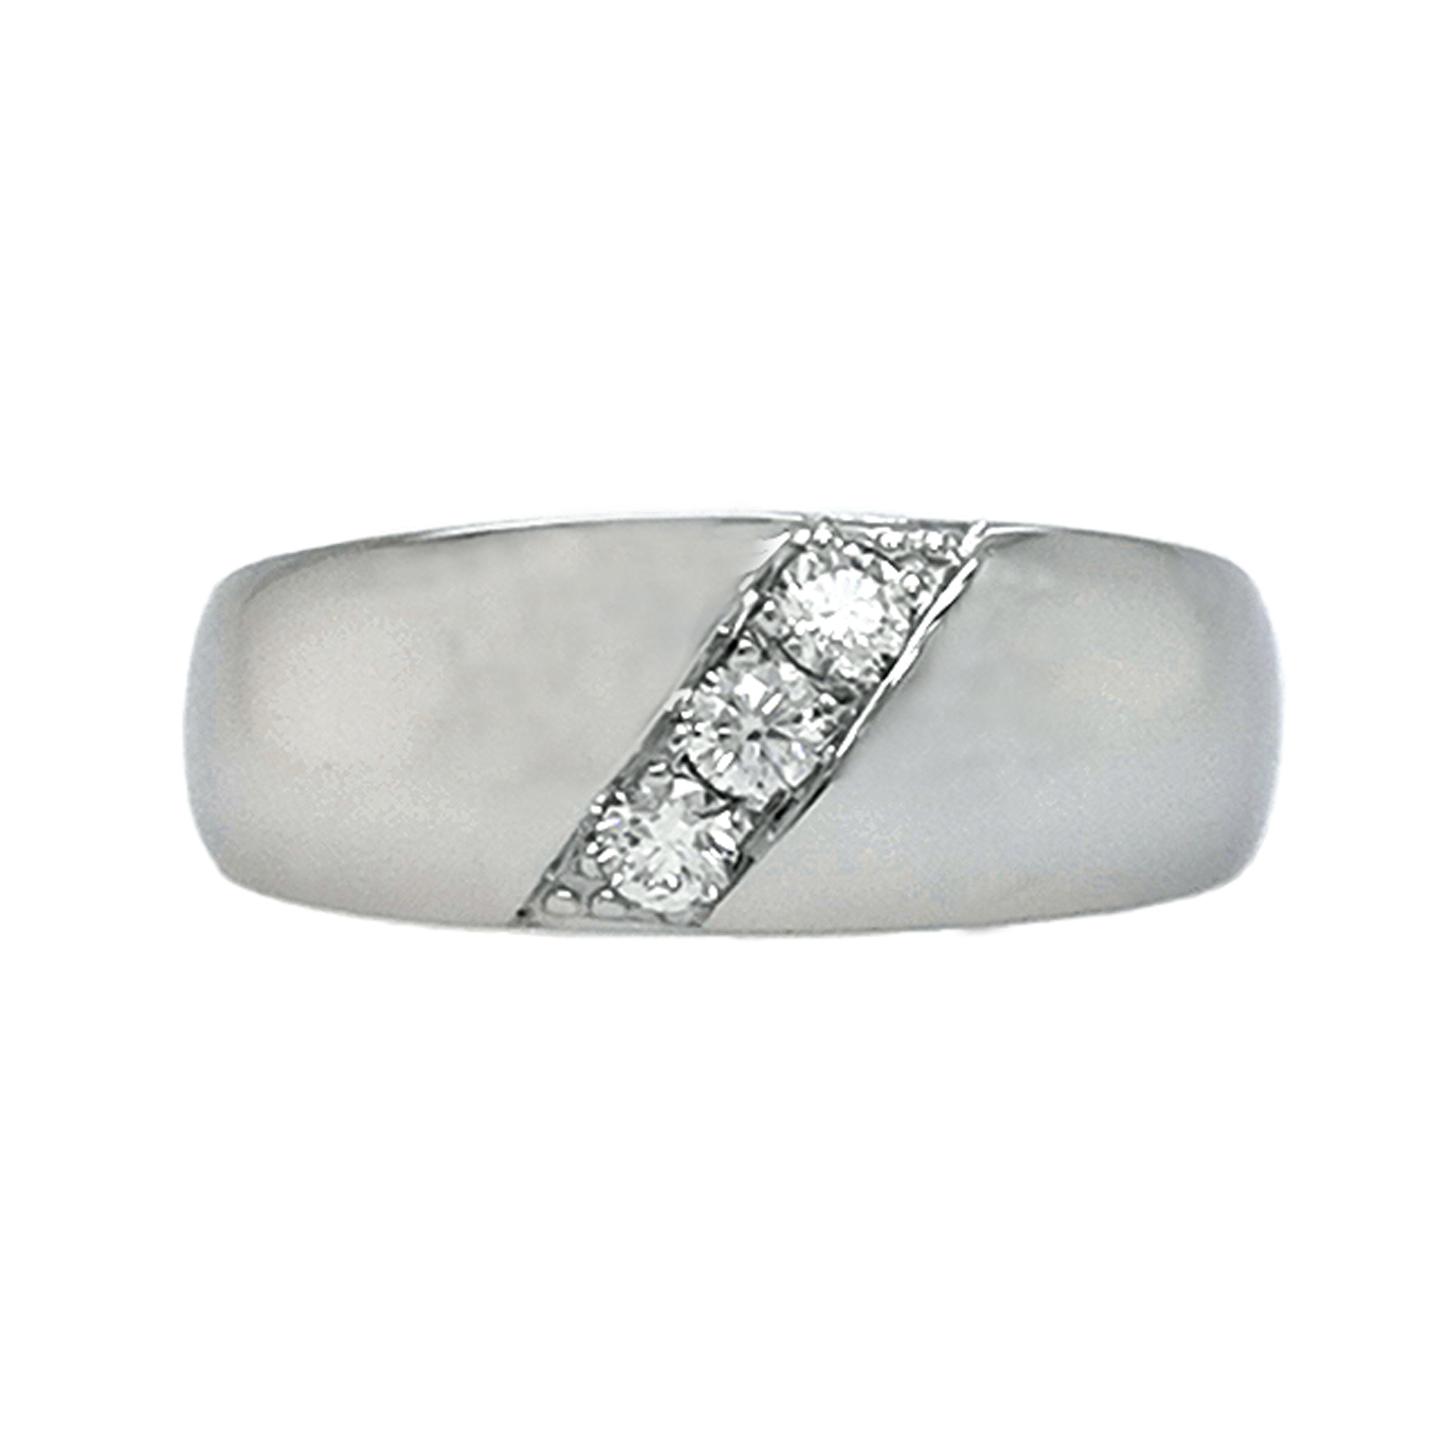 Brillantring aus 585 Weißgold mit 3 weißen Diamanten im Brillantschliff ca. 0,21 ct